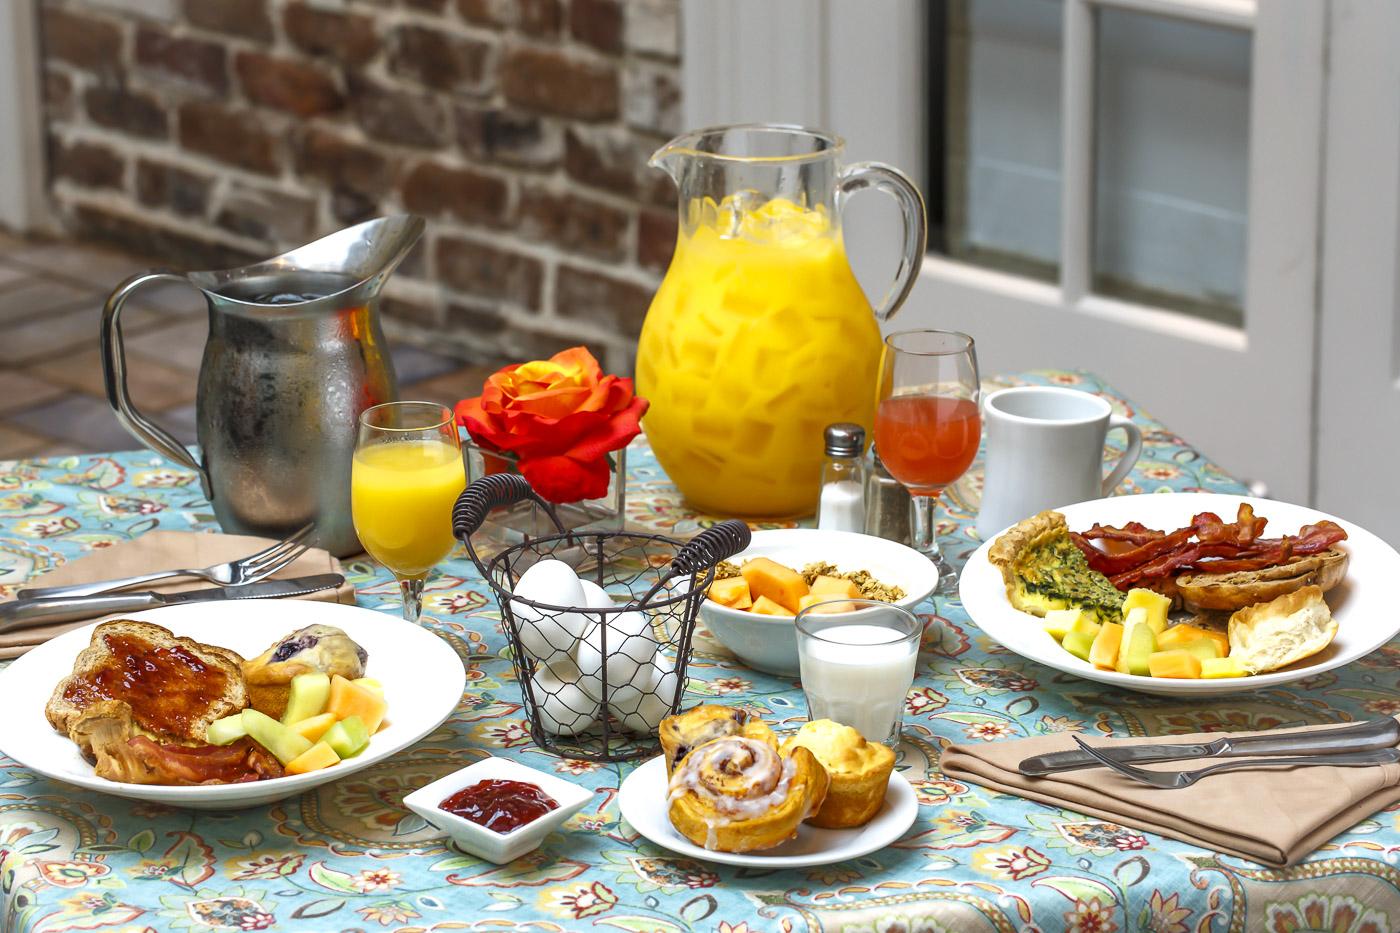 این مدل صبحانه خوردن چاق تان می کند، مراقب باشید